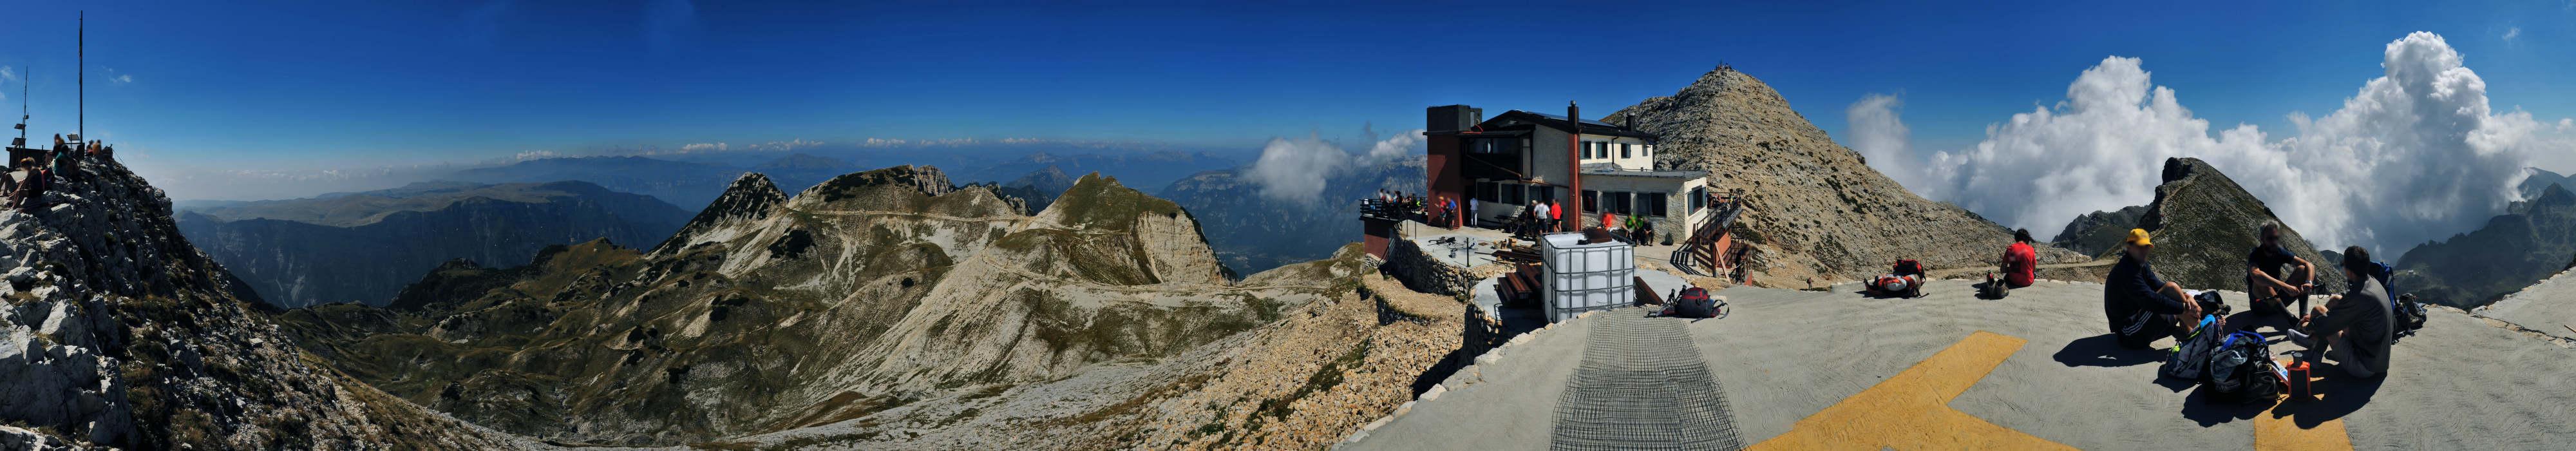 Piccole Dolomiti - Cima Carega : dal terrazzo del rifugio ...